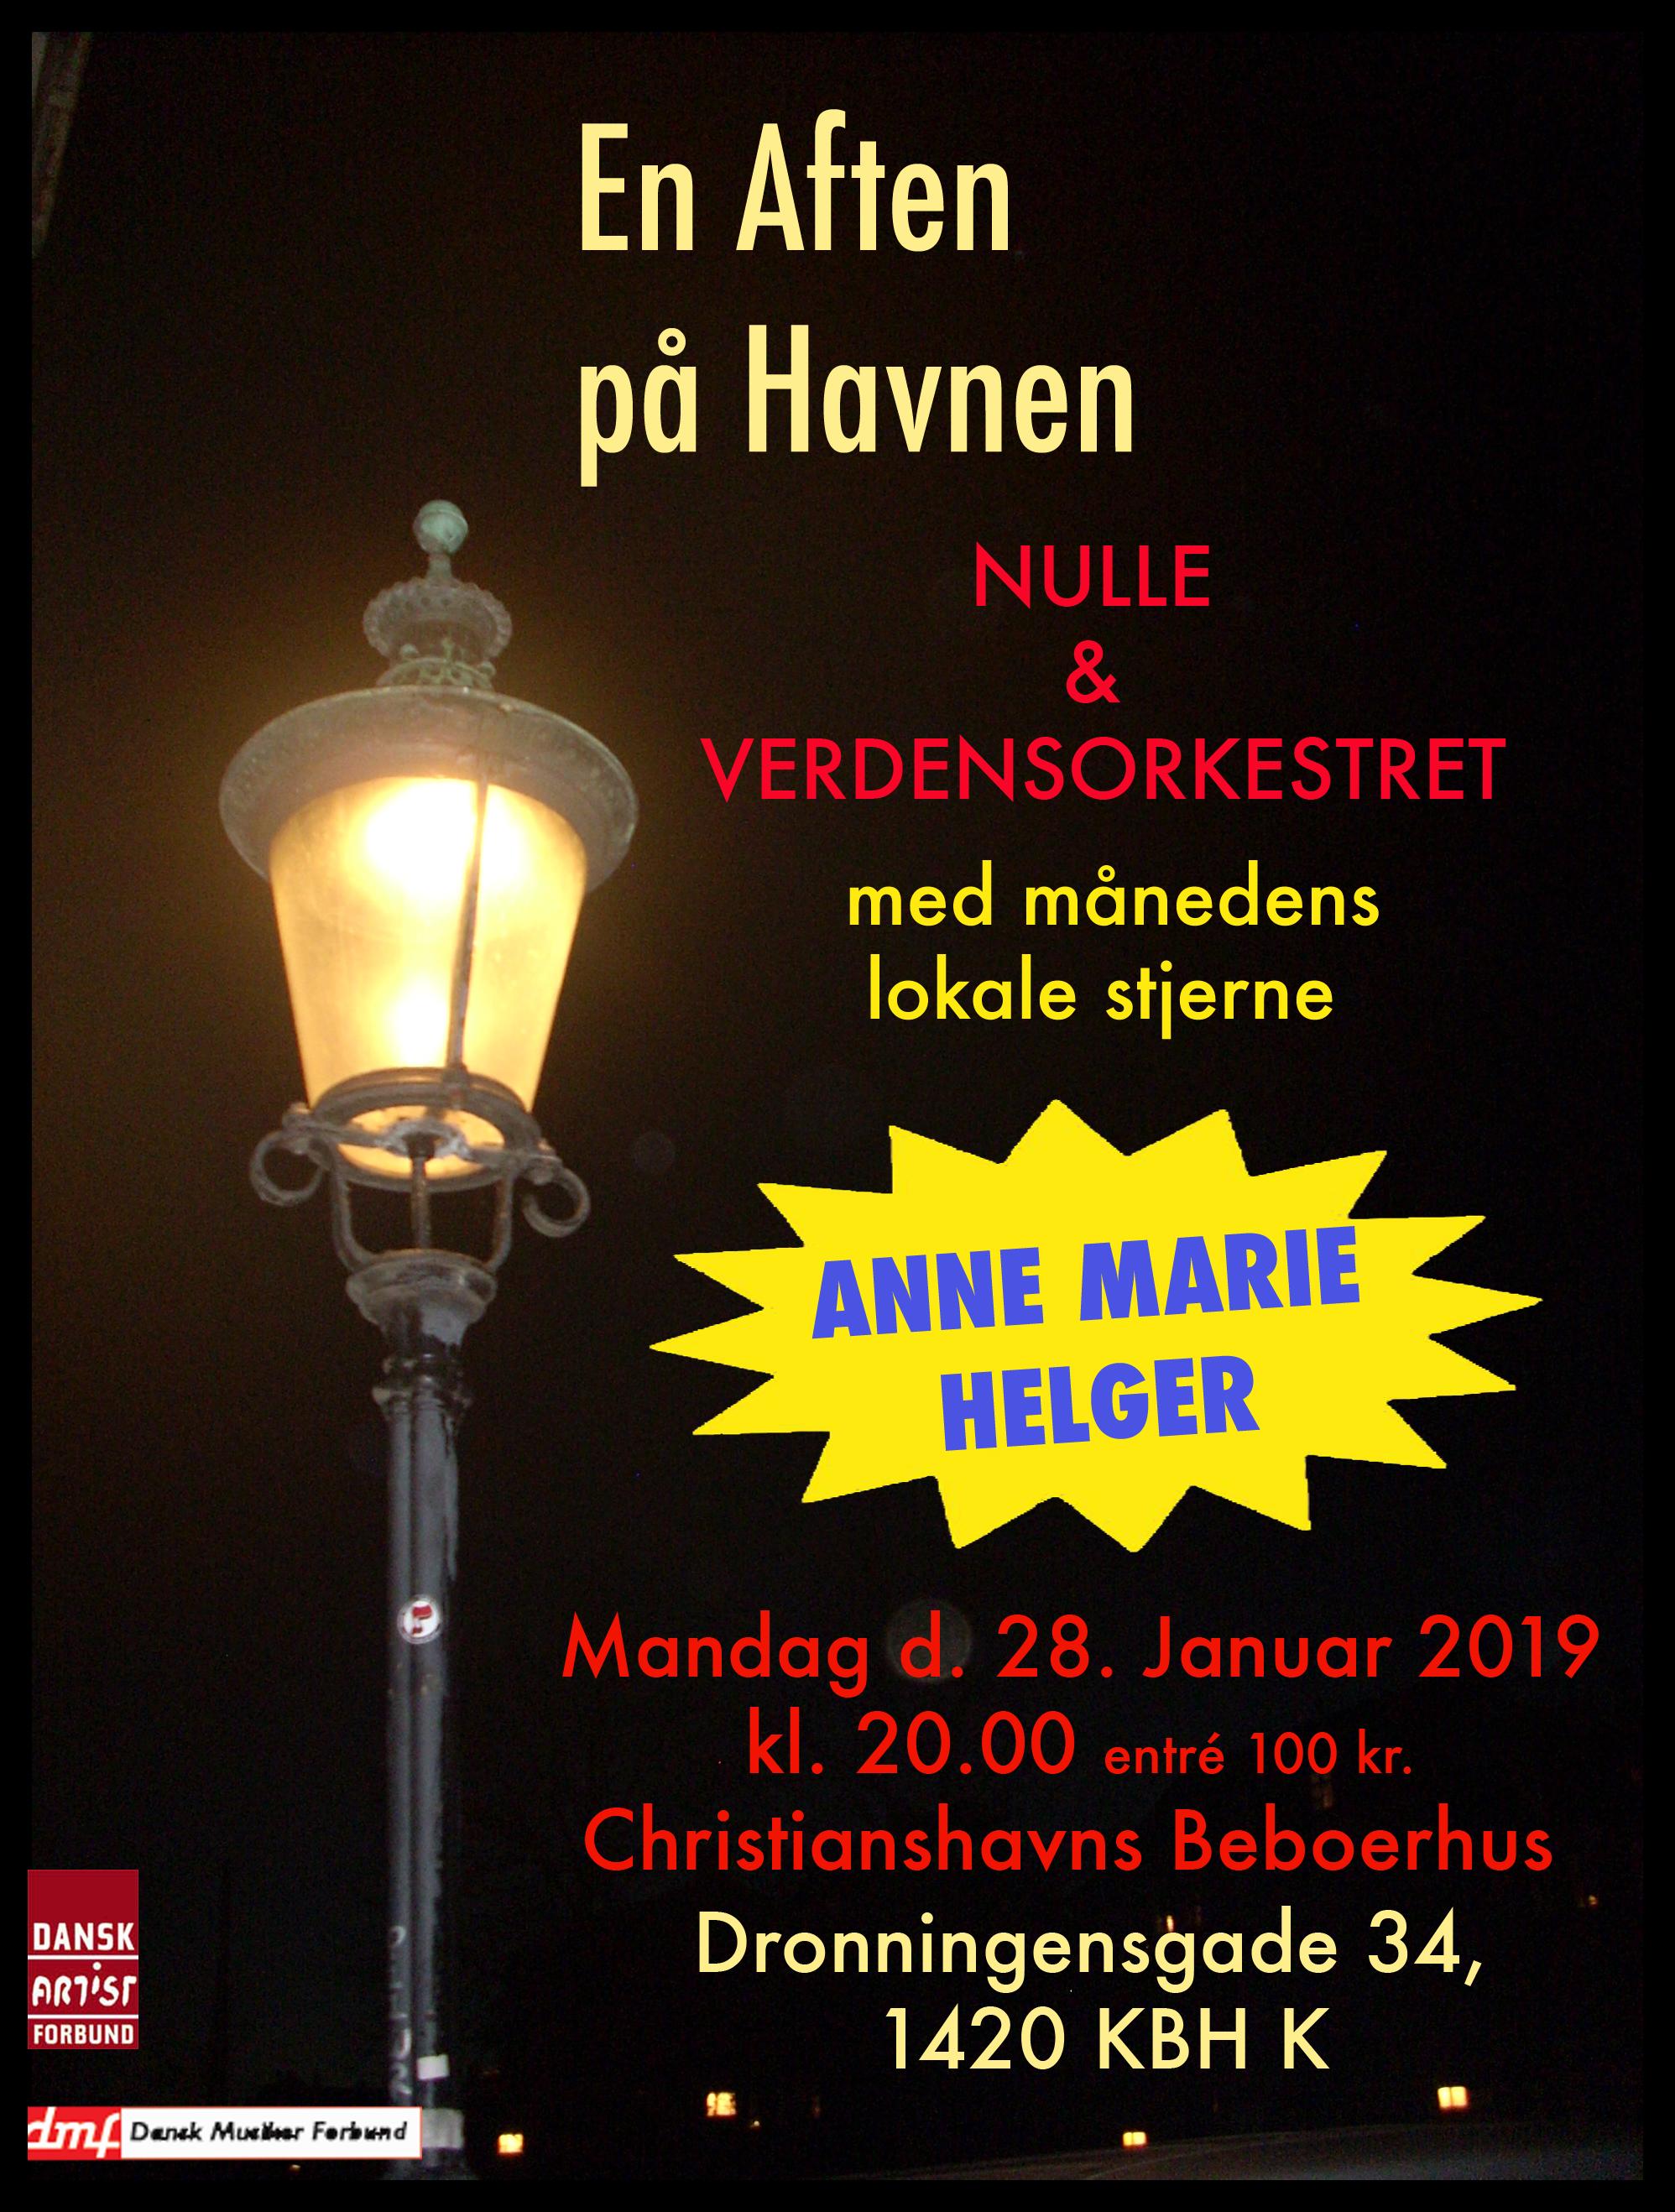 Nulle & Verdensorkestret m. Anne Marie Helger